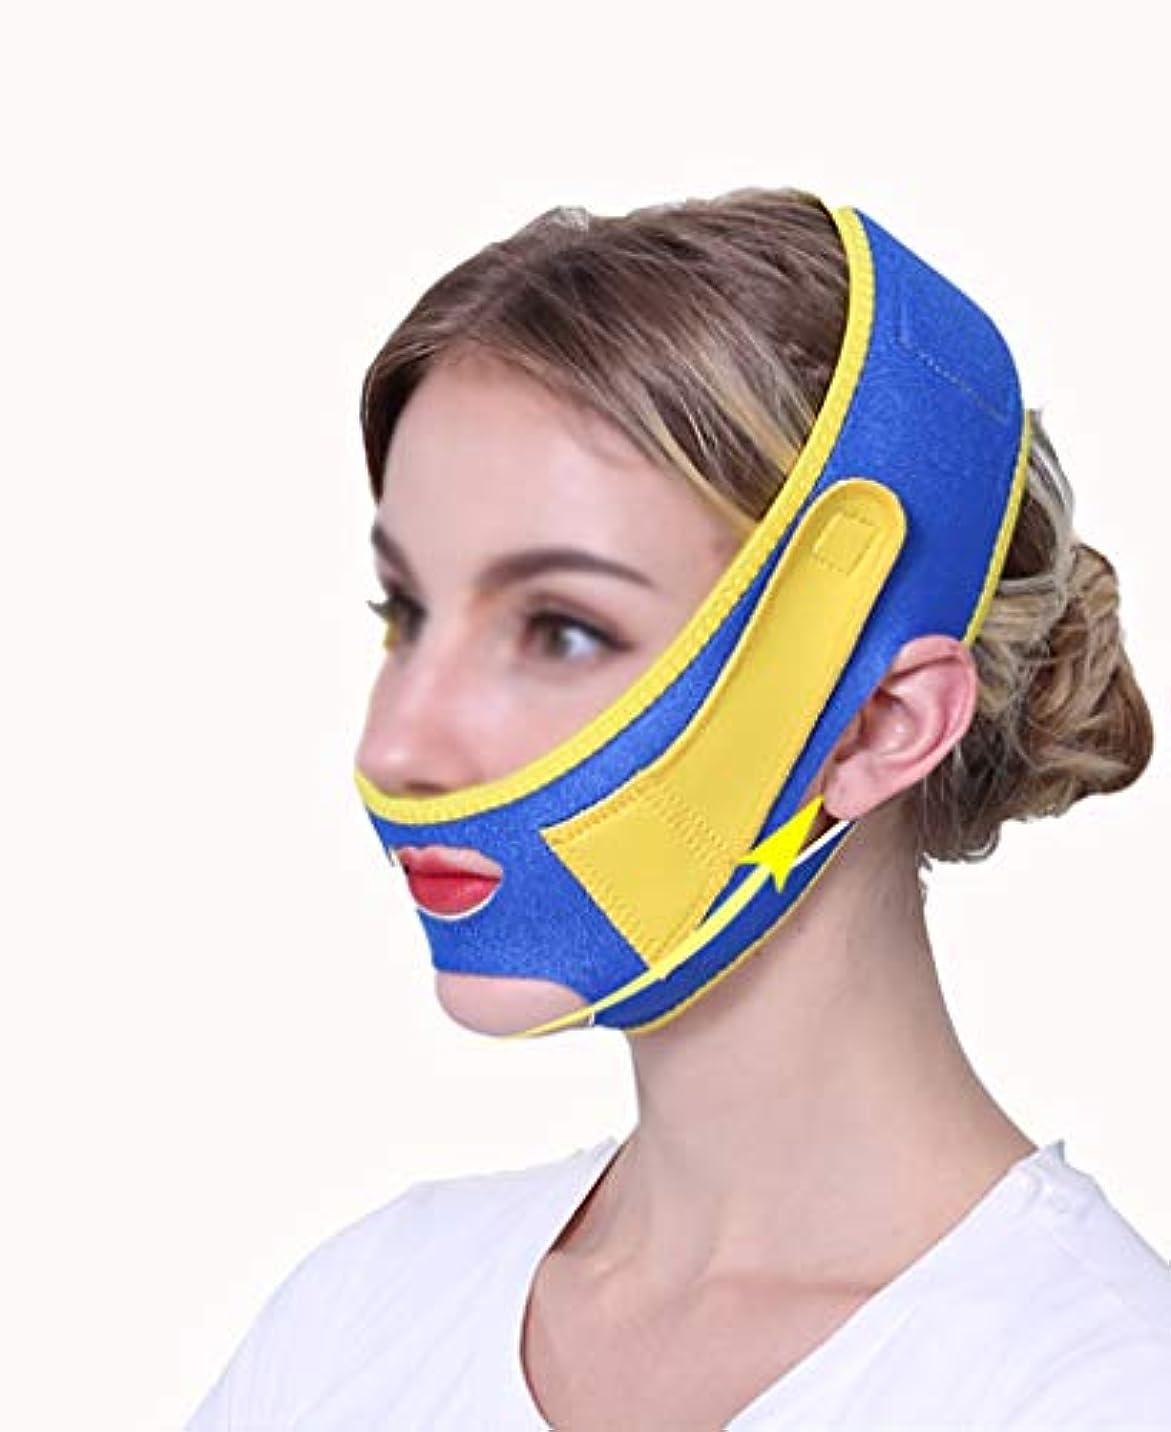 試みるリハーサル古くなったGLJJQMY 薄いフェイスマスクあごストラップ回復包帯薄いフェイスマスクVフェイスステッカーフェイスステッカー韓国本物のリフティング引き締め形状の薄い二重あごの薄い顔の睡眠包帯アーティファクト 顔用整形マスク